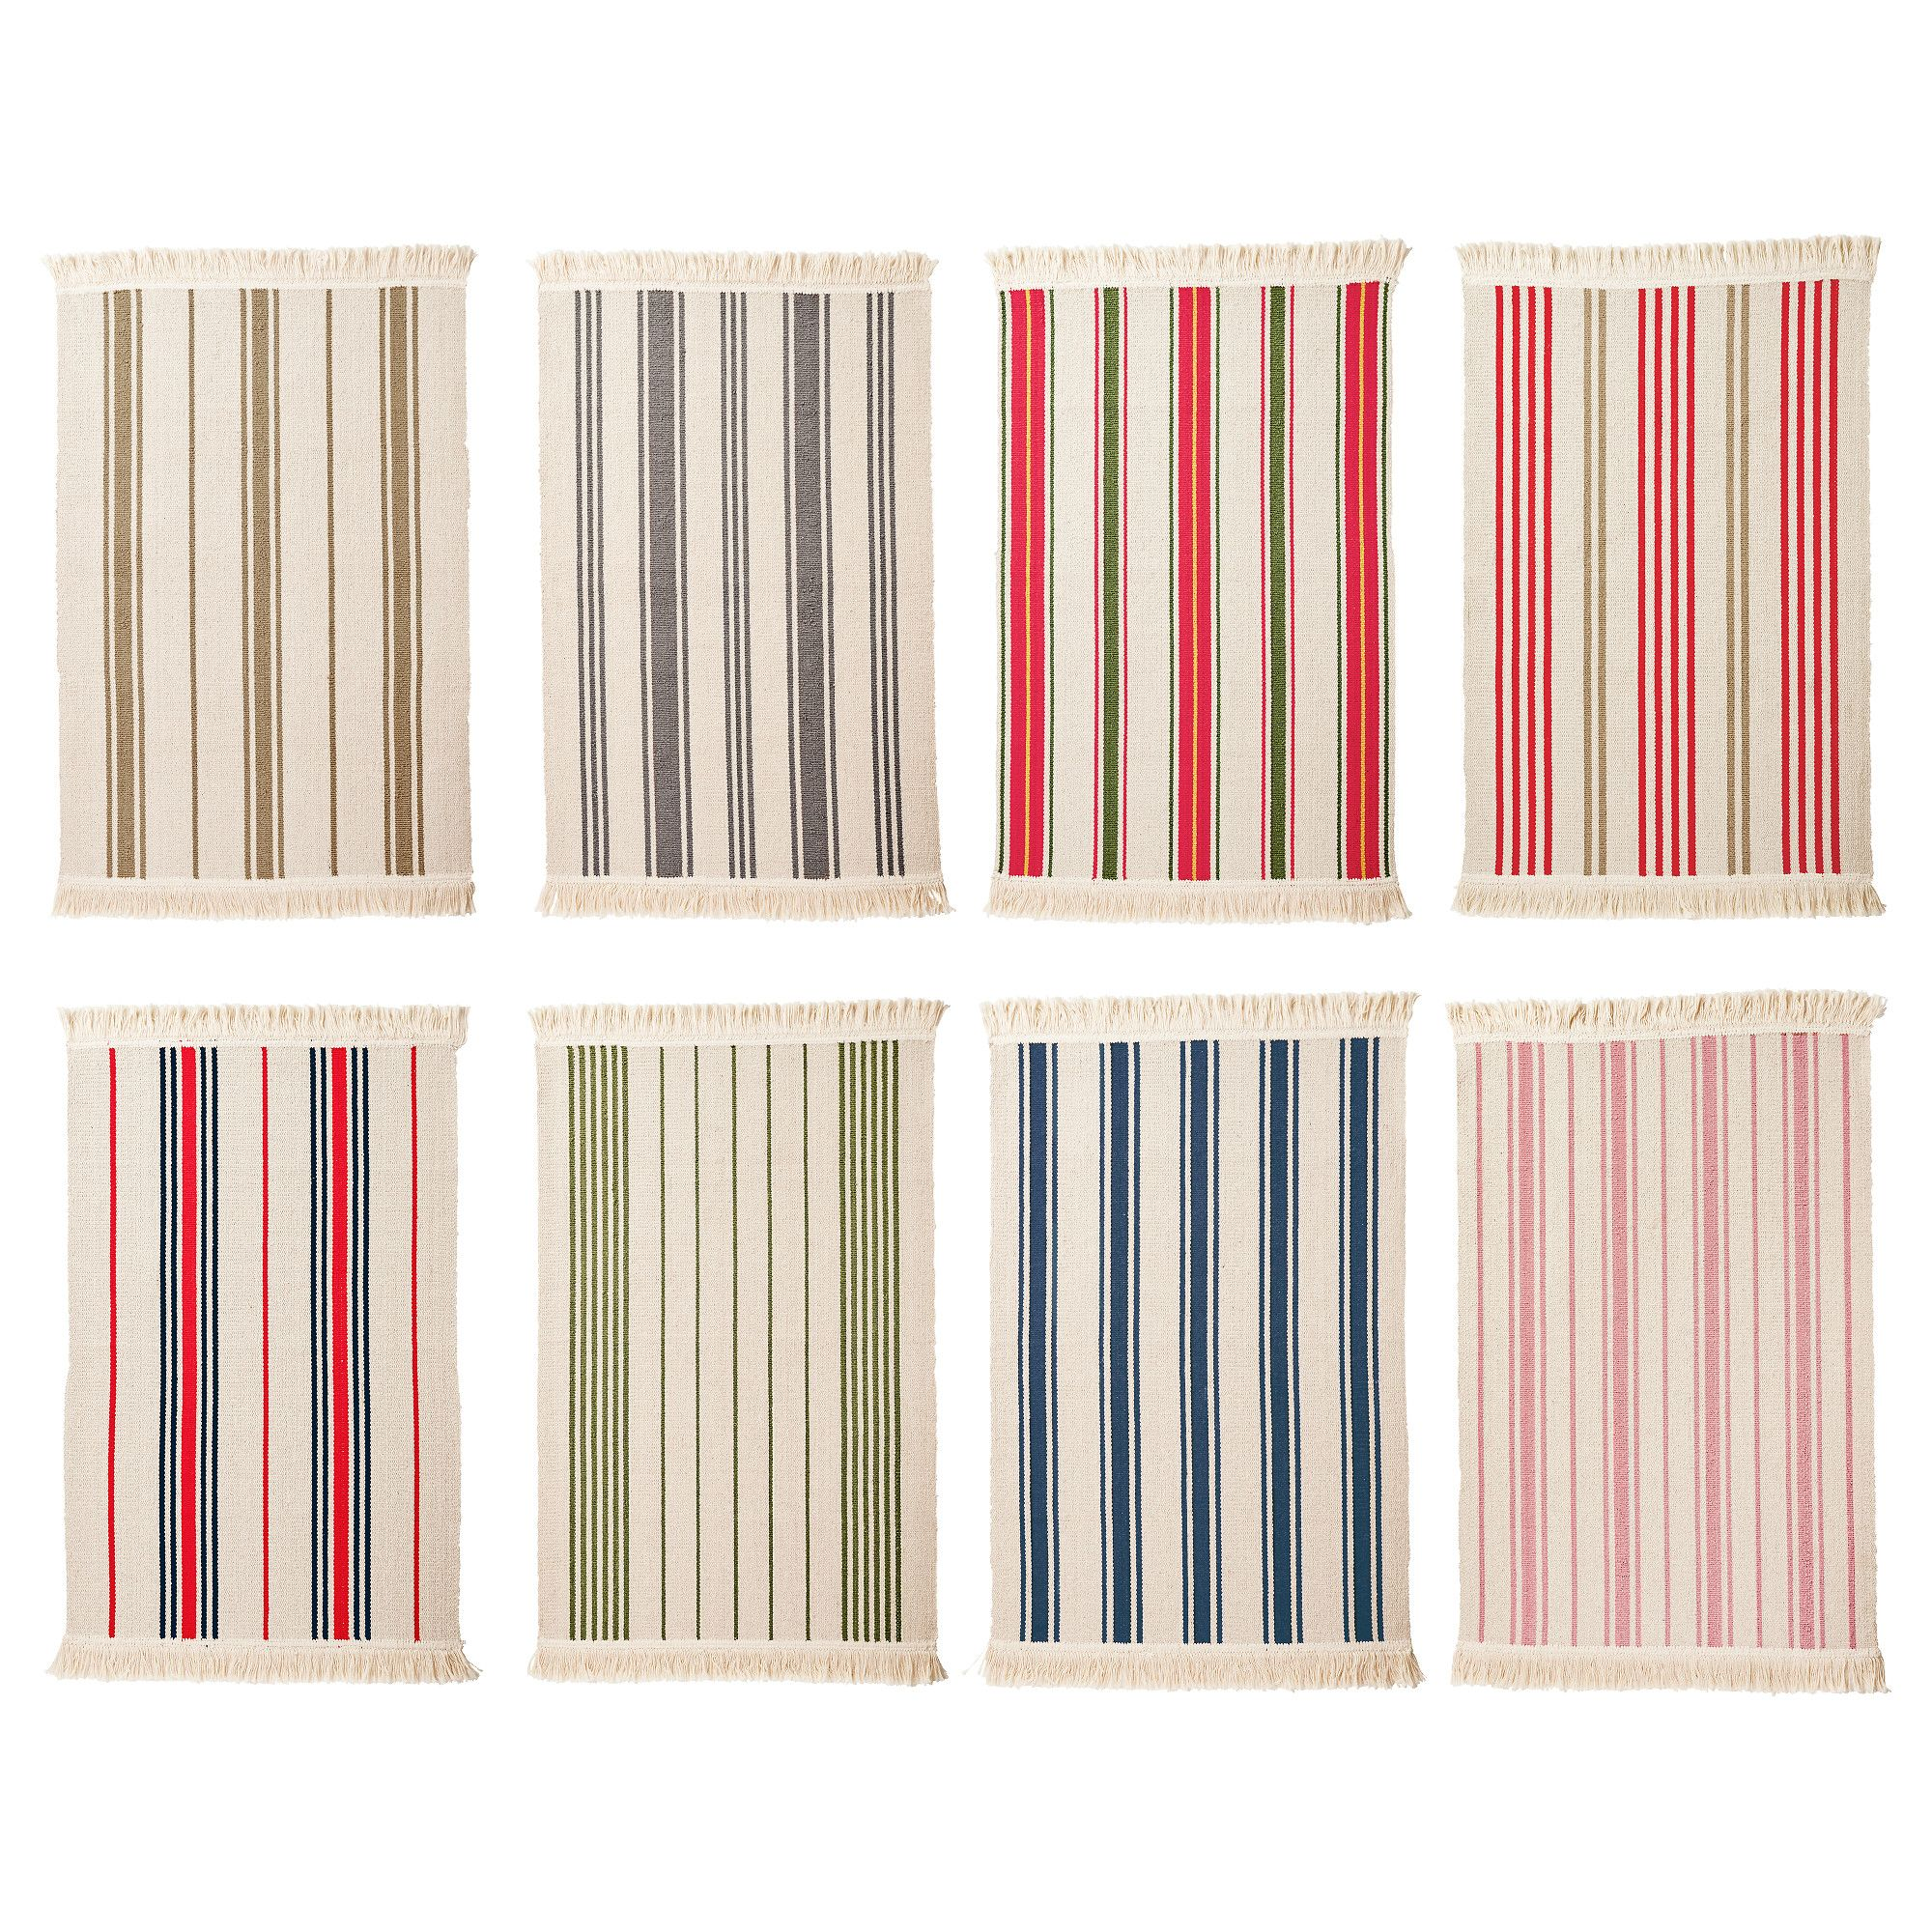 SIGNE Teppich flach gewebt, versch. Farben | Ikea, Teppiche und Weben